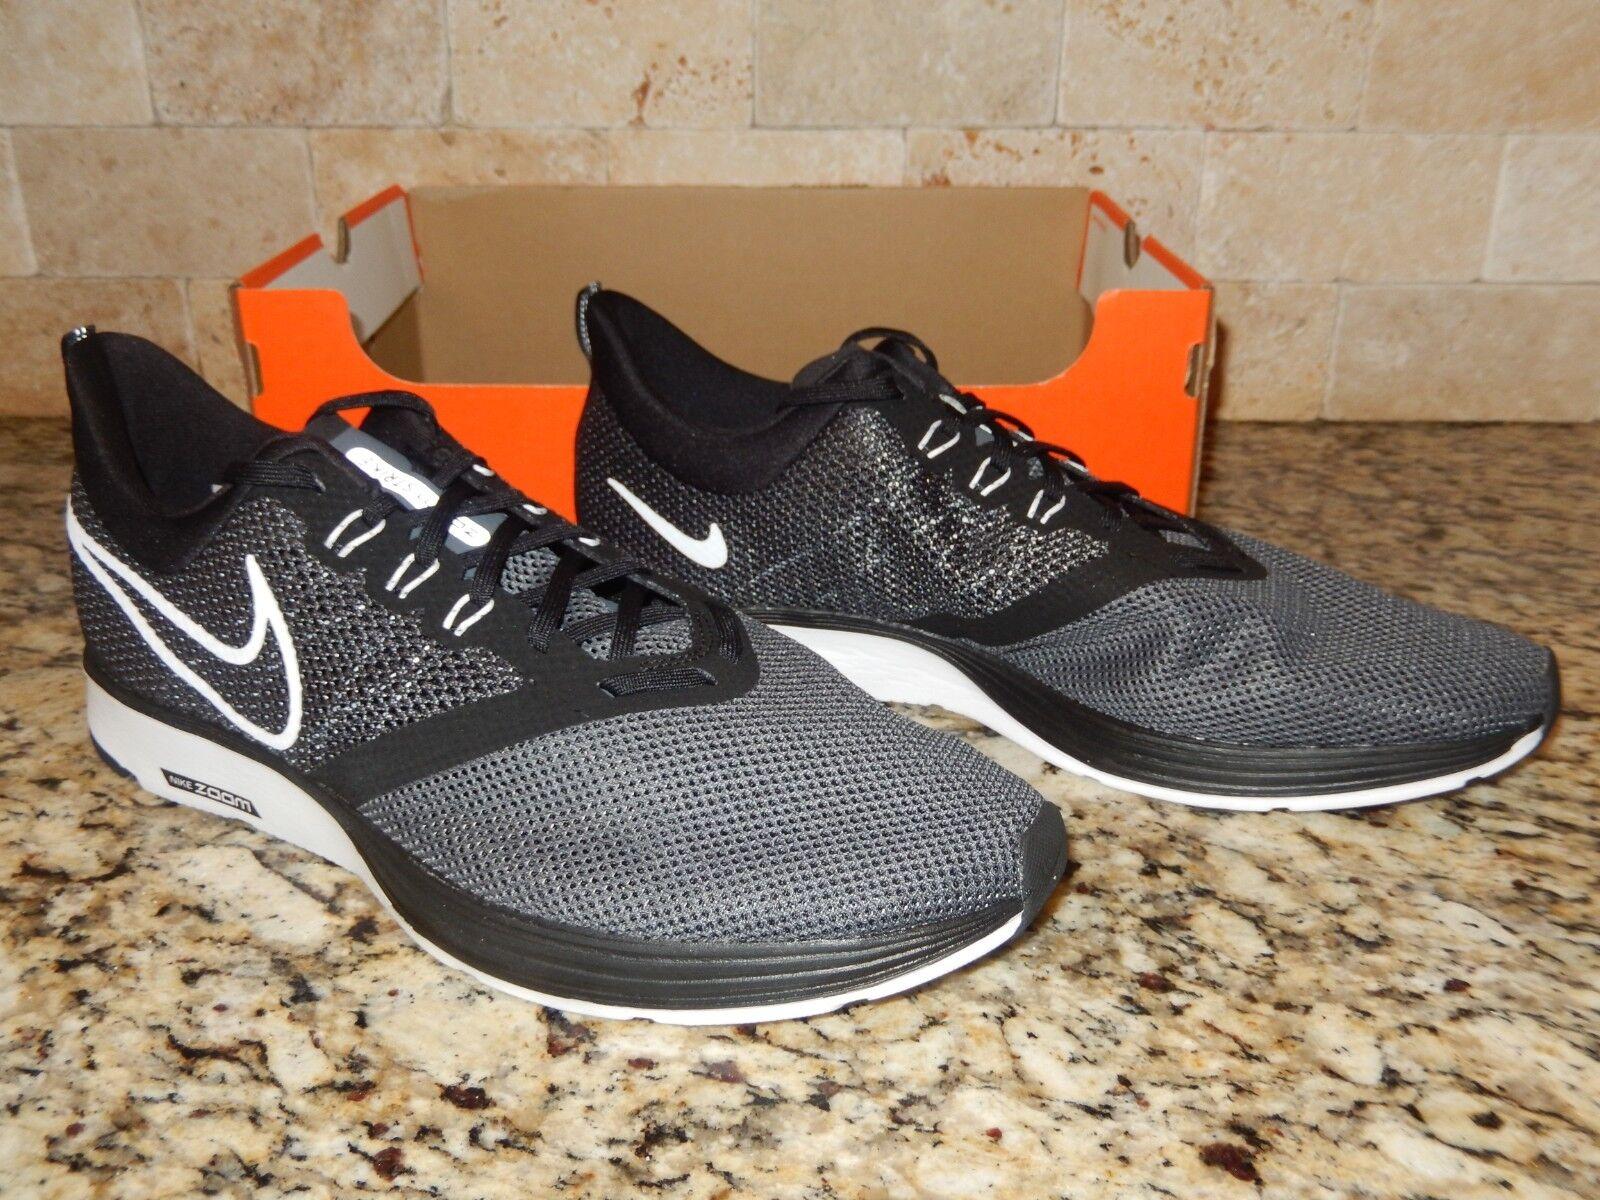 c30e39150c Mens Nike Zoom Strike AJ0189 Shoes Shoes Shoes Size 10.5 NEW NIB 5aba96